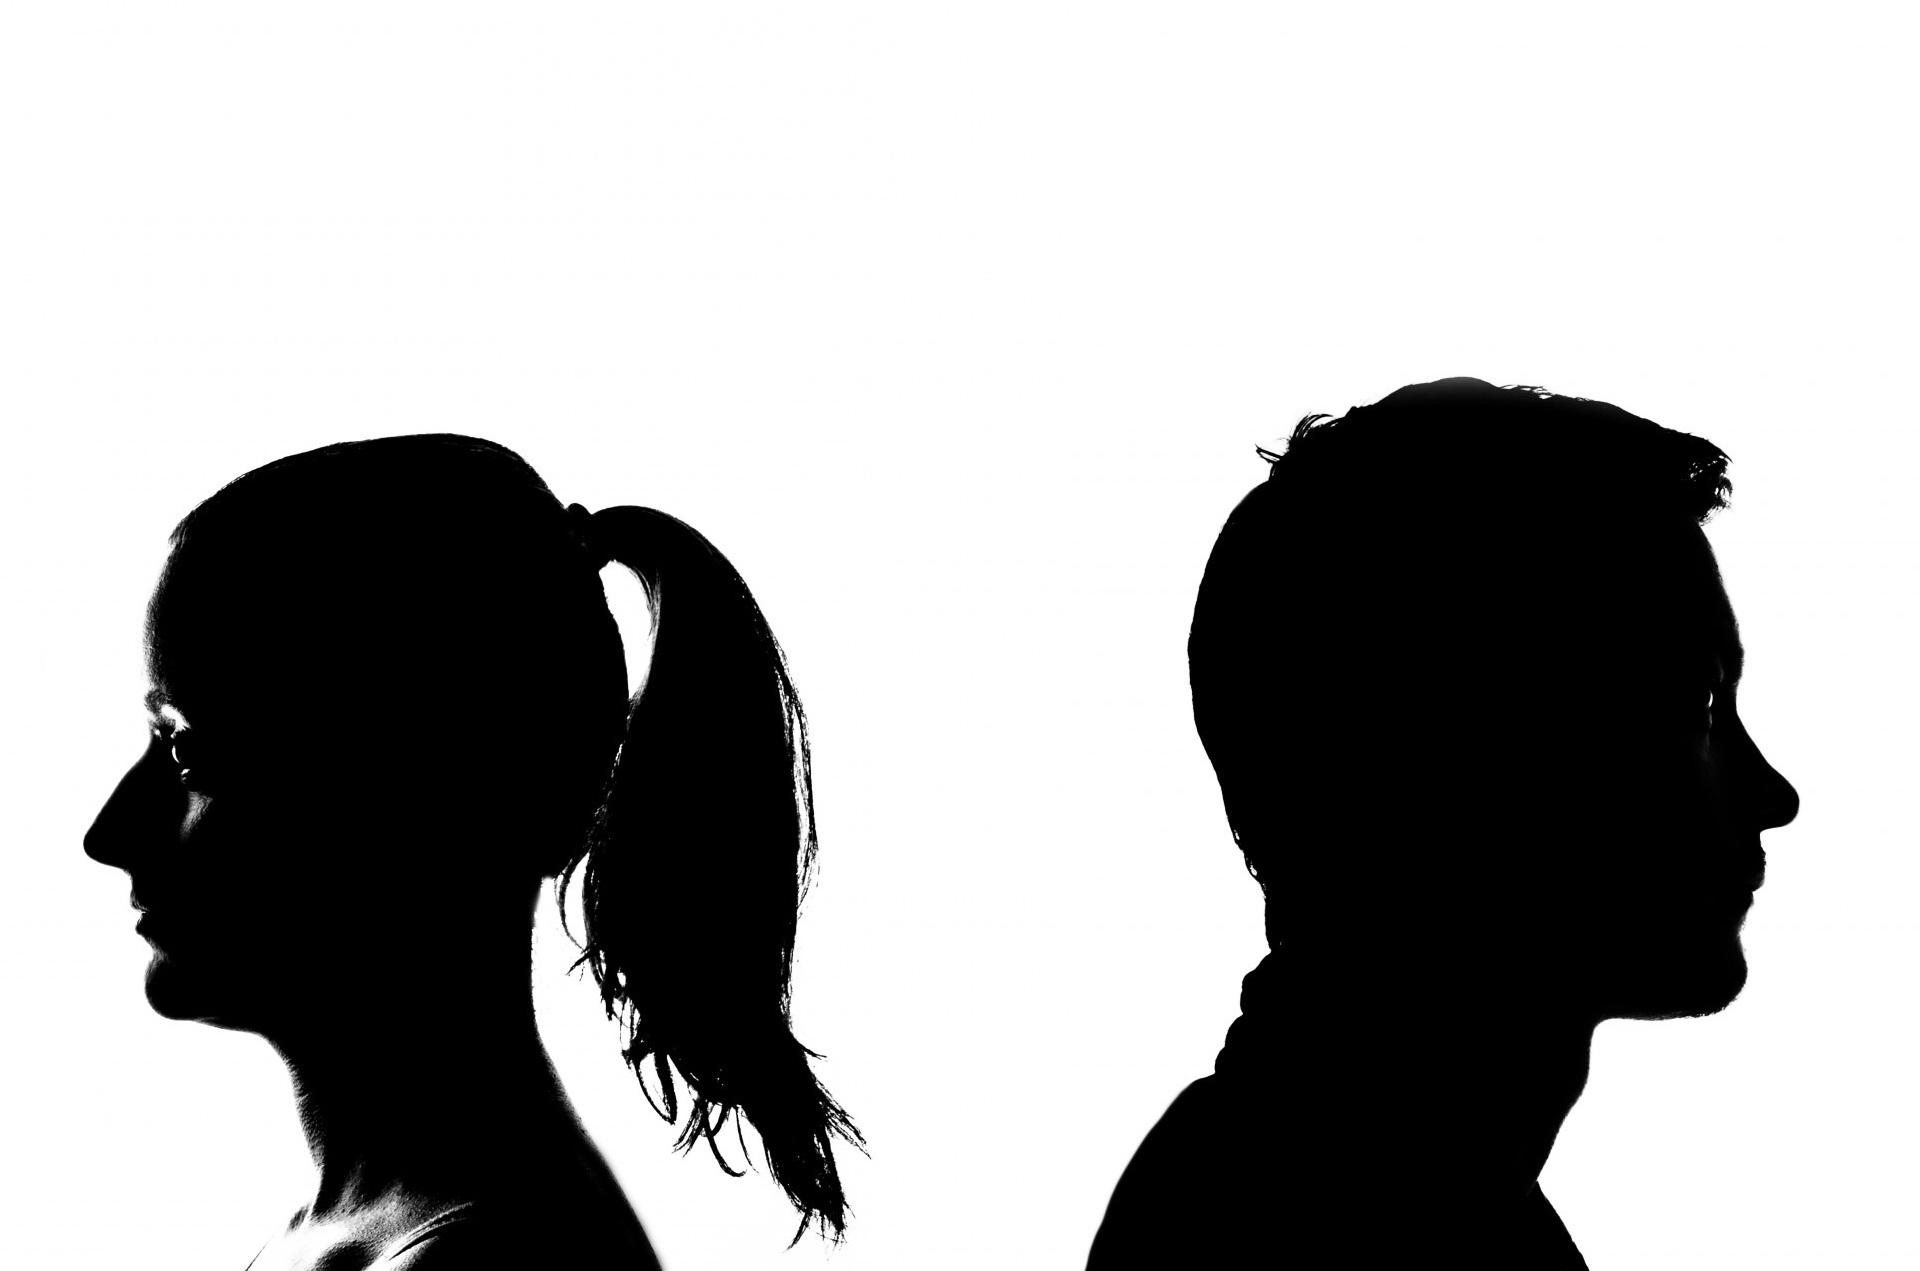 Images Gratuites Main Silhouette Noir Et Blanc Monochrome